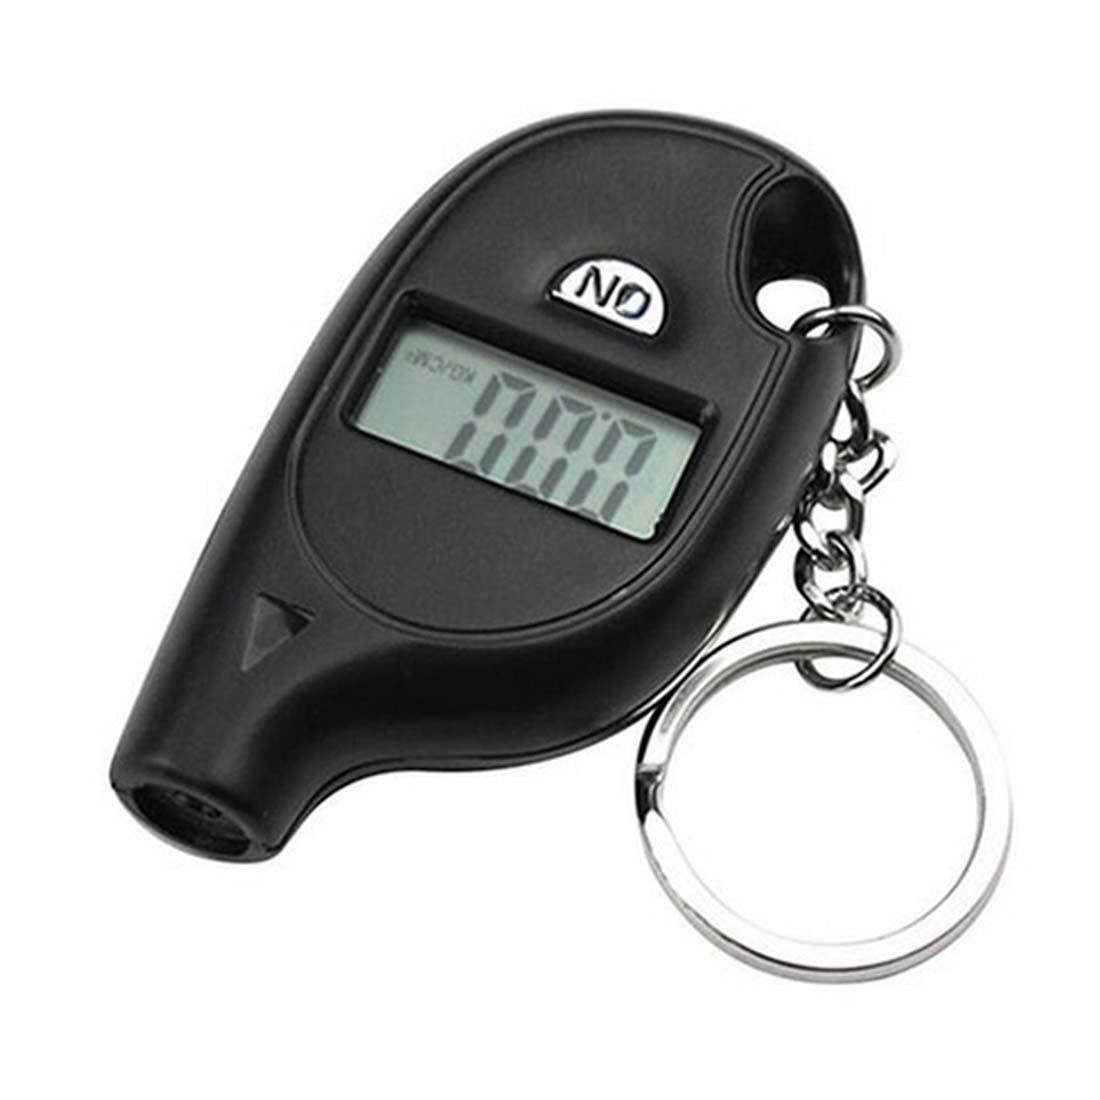 5-100 фунтов/кв. дюйм бар Мини ЖК-цифровой шиномонтажный брелок датчик давления воздуха для автомобиля Авто мотоцикла